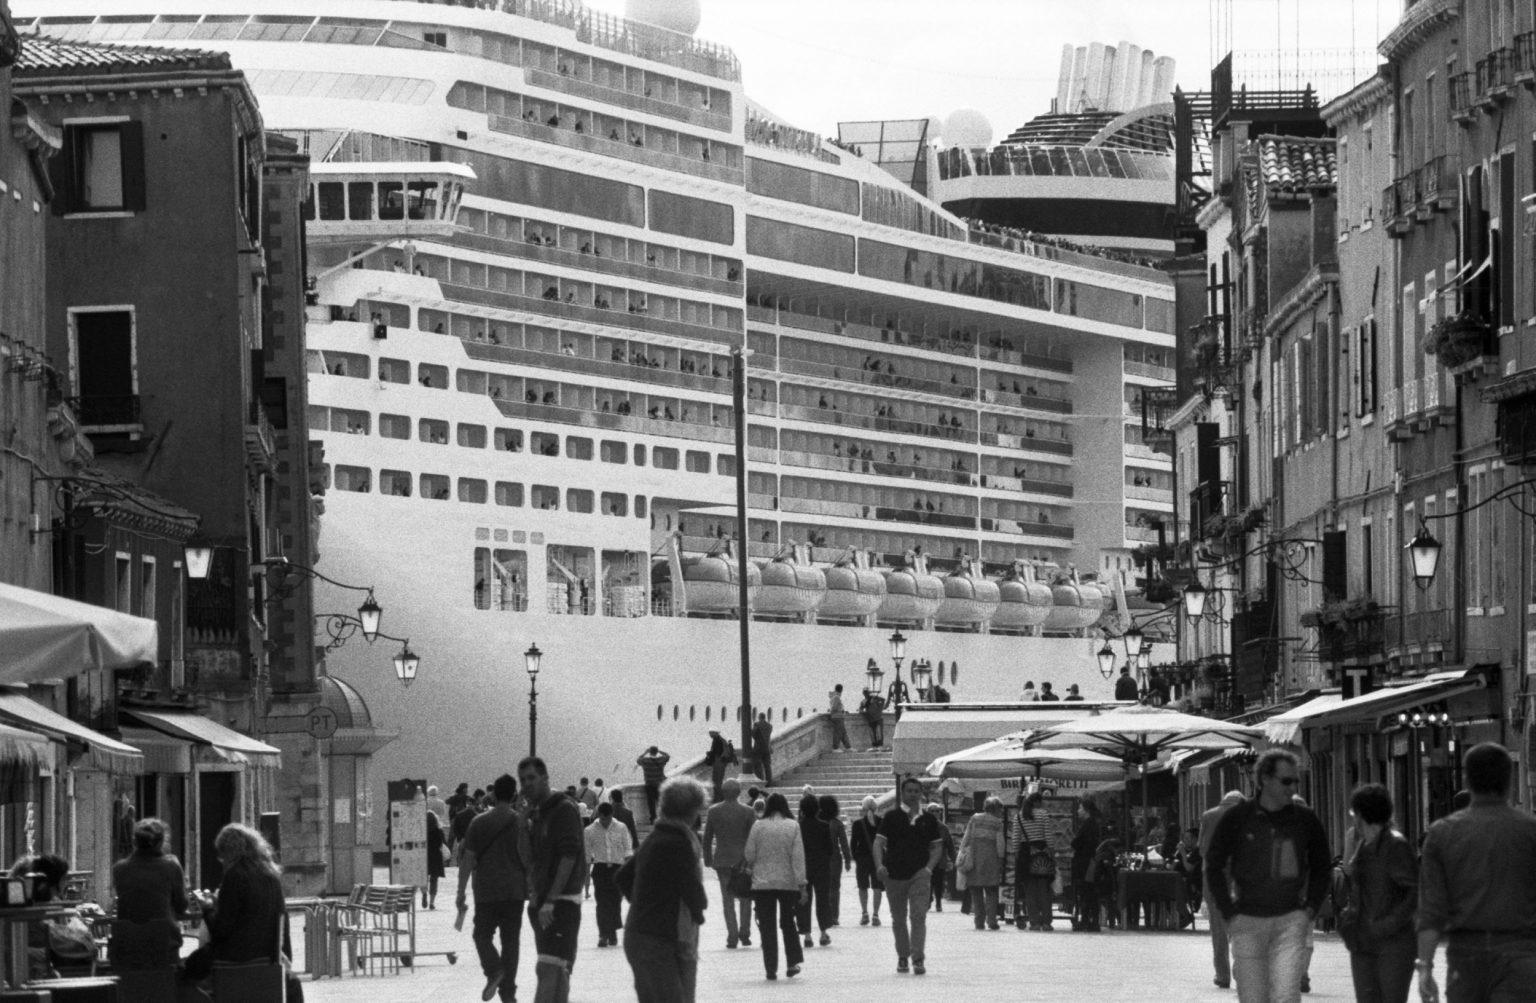 """Venice, April 2013 - Big cruise liners invade the city - MSC Divina cruise ship passing by the old town ><  Venezia, aprile 2013 - Le grandi navi da crociera invadono la città - La MSC Divina passa davanti al centro storico<p><span style=""""color: #ff0000""""><strong>*** SPECIAL   FEE   APPLIES ***</strong></span></p>*** SPECIAL   FEE   APPLIES *** *** Local Caption *** 00473489"""